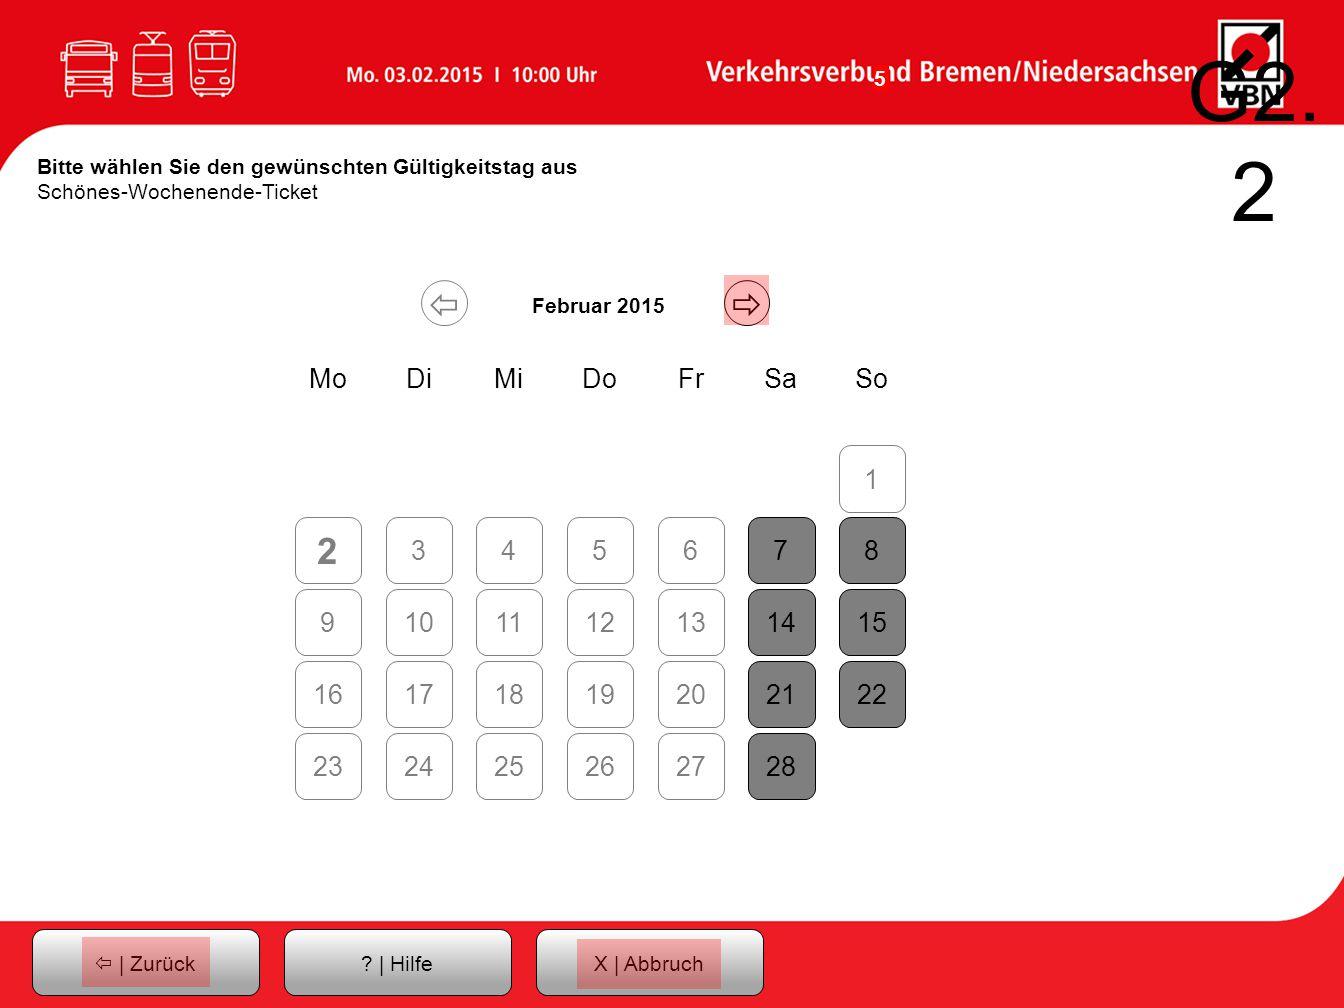 G2.2 Bitte wählen Sie den gewünschten Gültigkeitstag aus Schönes-Wochenende-Ticket.   Februar 2015.